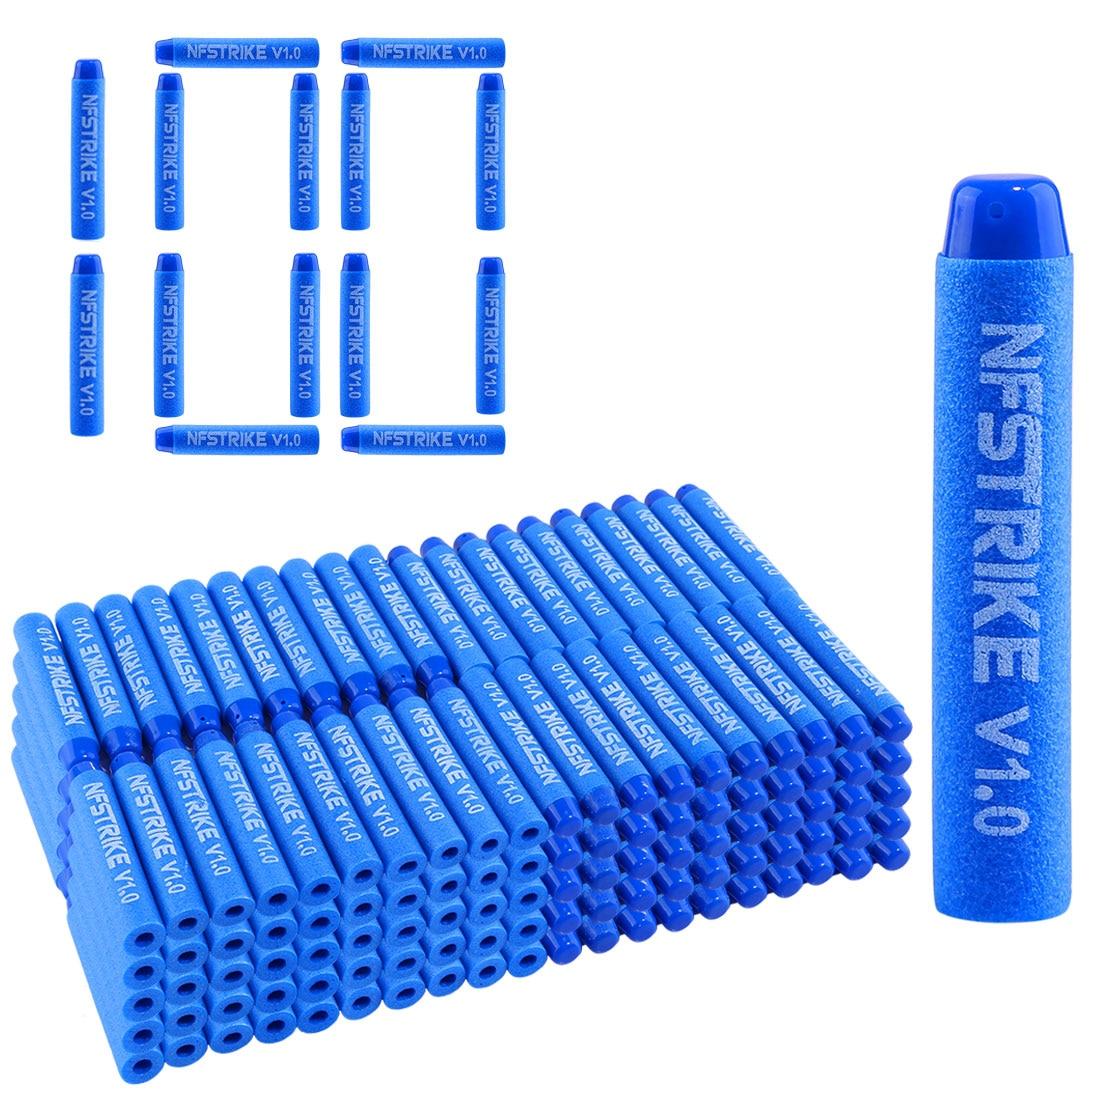 NFstrike 100pcs V1.0 Customized Soft Bullet For Nerf  Elite Series Part 7.2*1.3CM